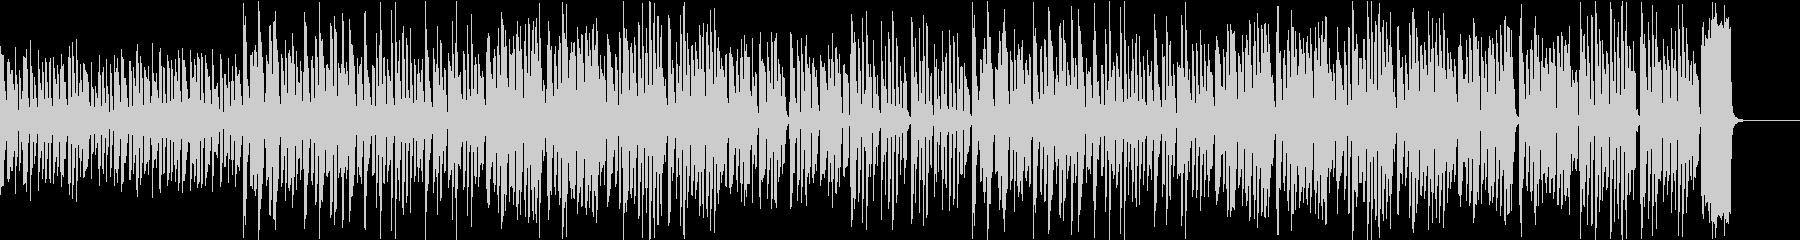 動画向け ゆるい雰囲気のリコーダーBGMの未再生の波形